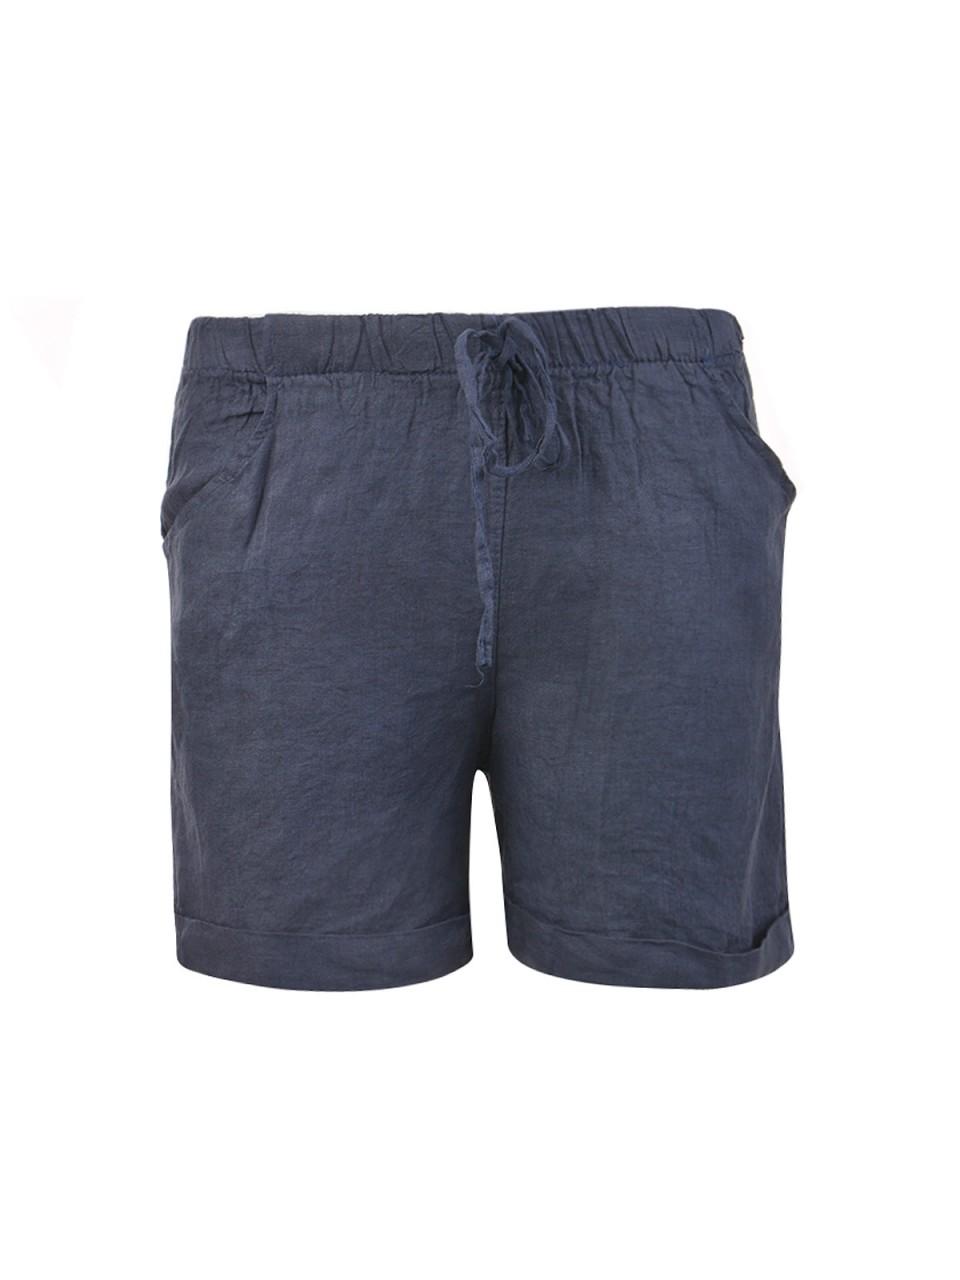 heartkiss-damen-shorts-navy